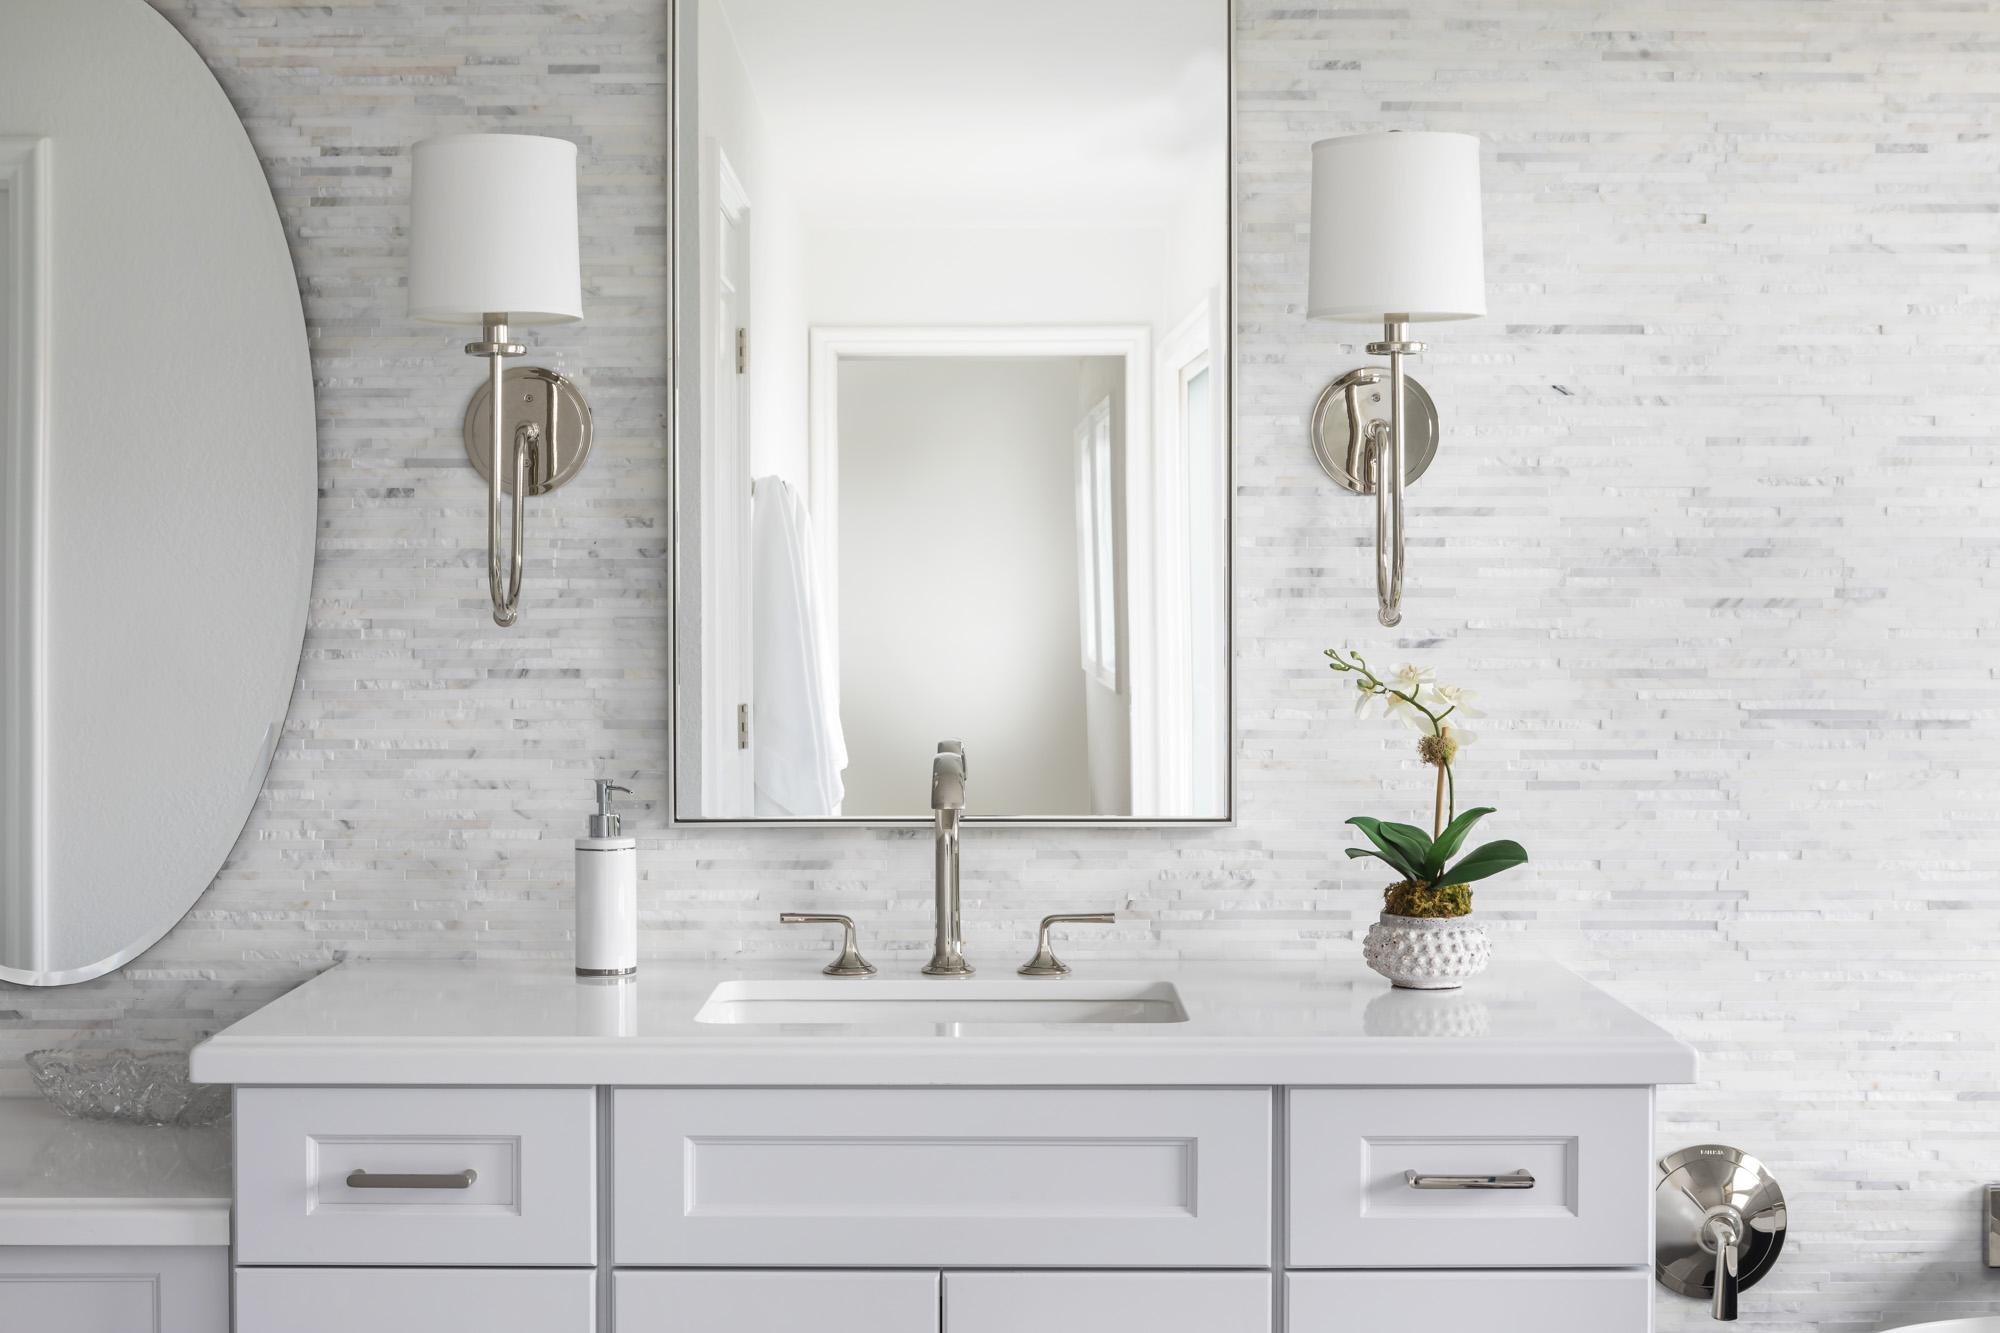 Bathroom fixtures add to your design